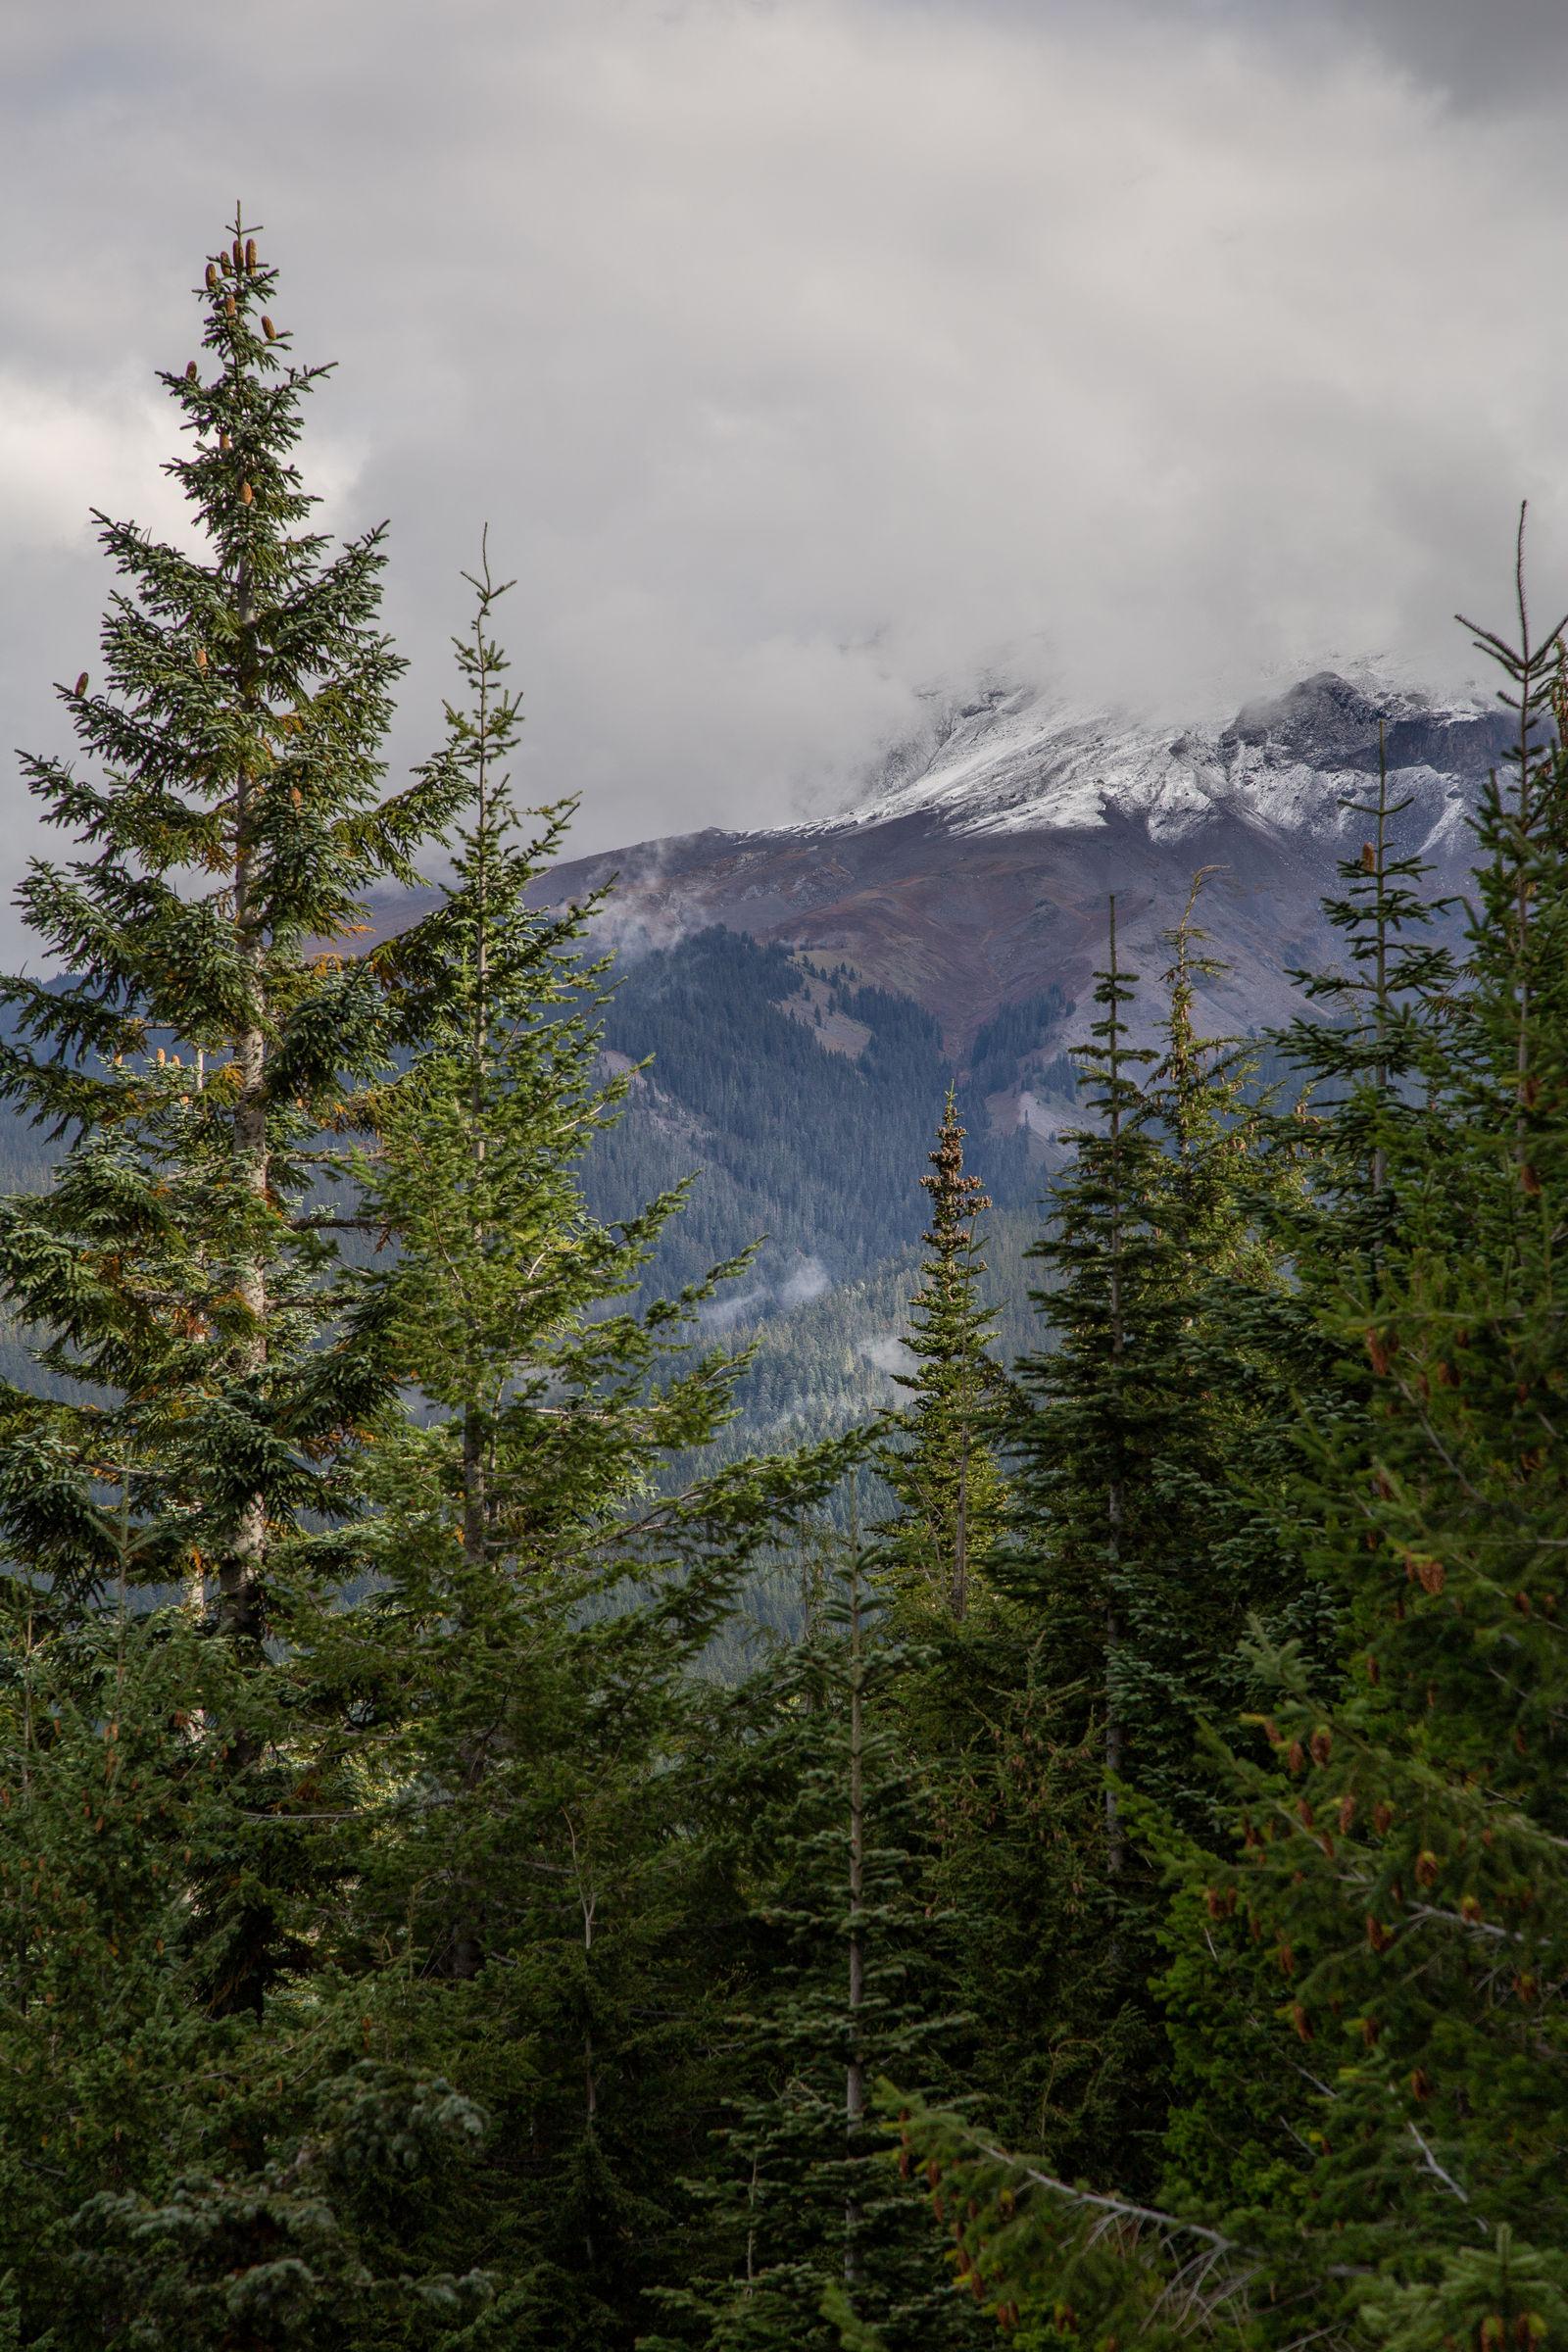 Eso del fondo es Mount Hood, dicen